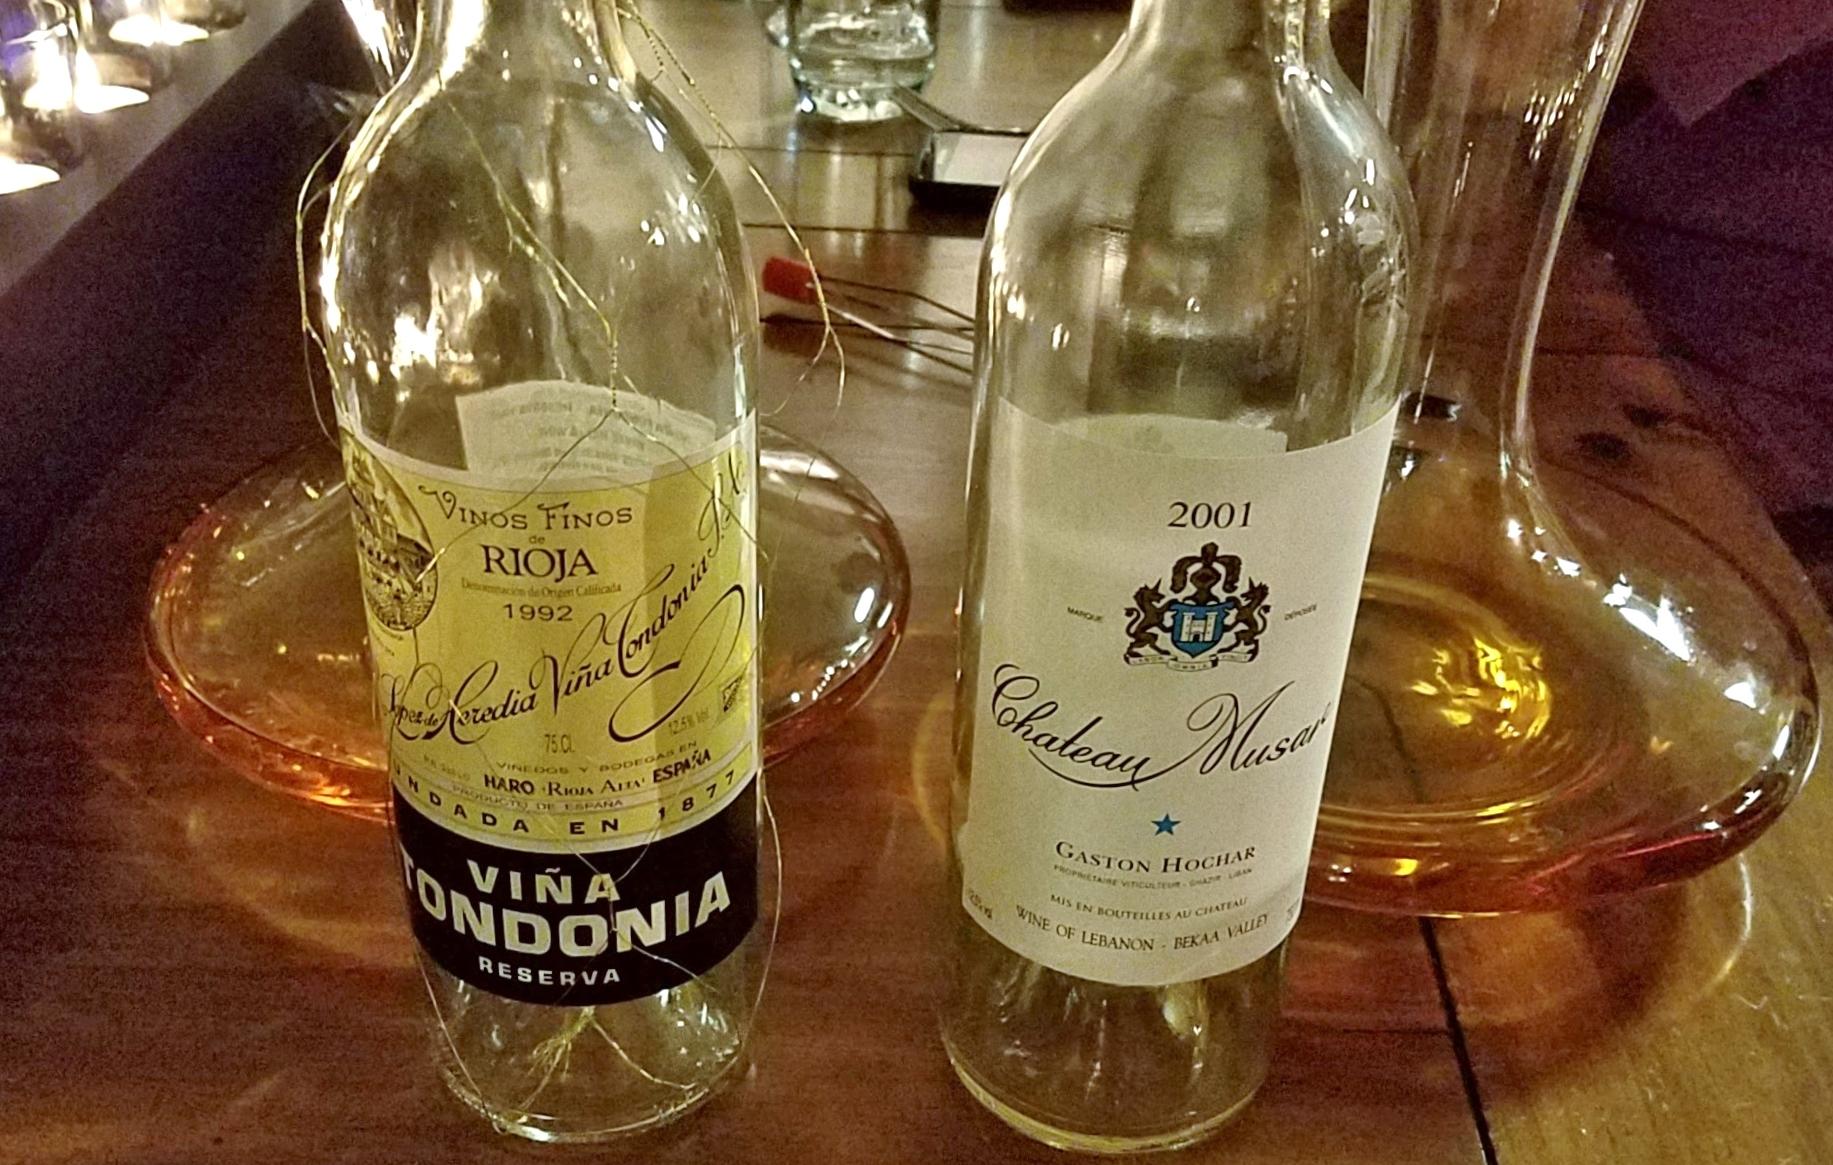 1992 Viña Tondonia Reserva and 2001 Chateau Musar